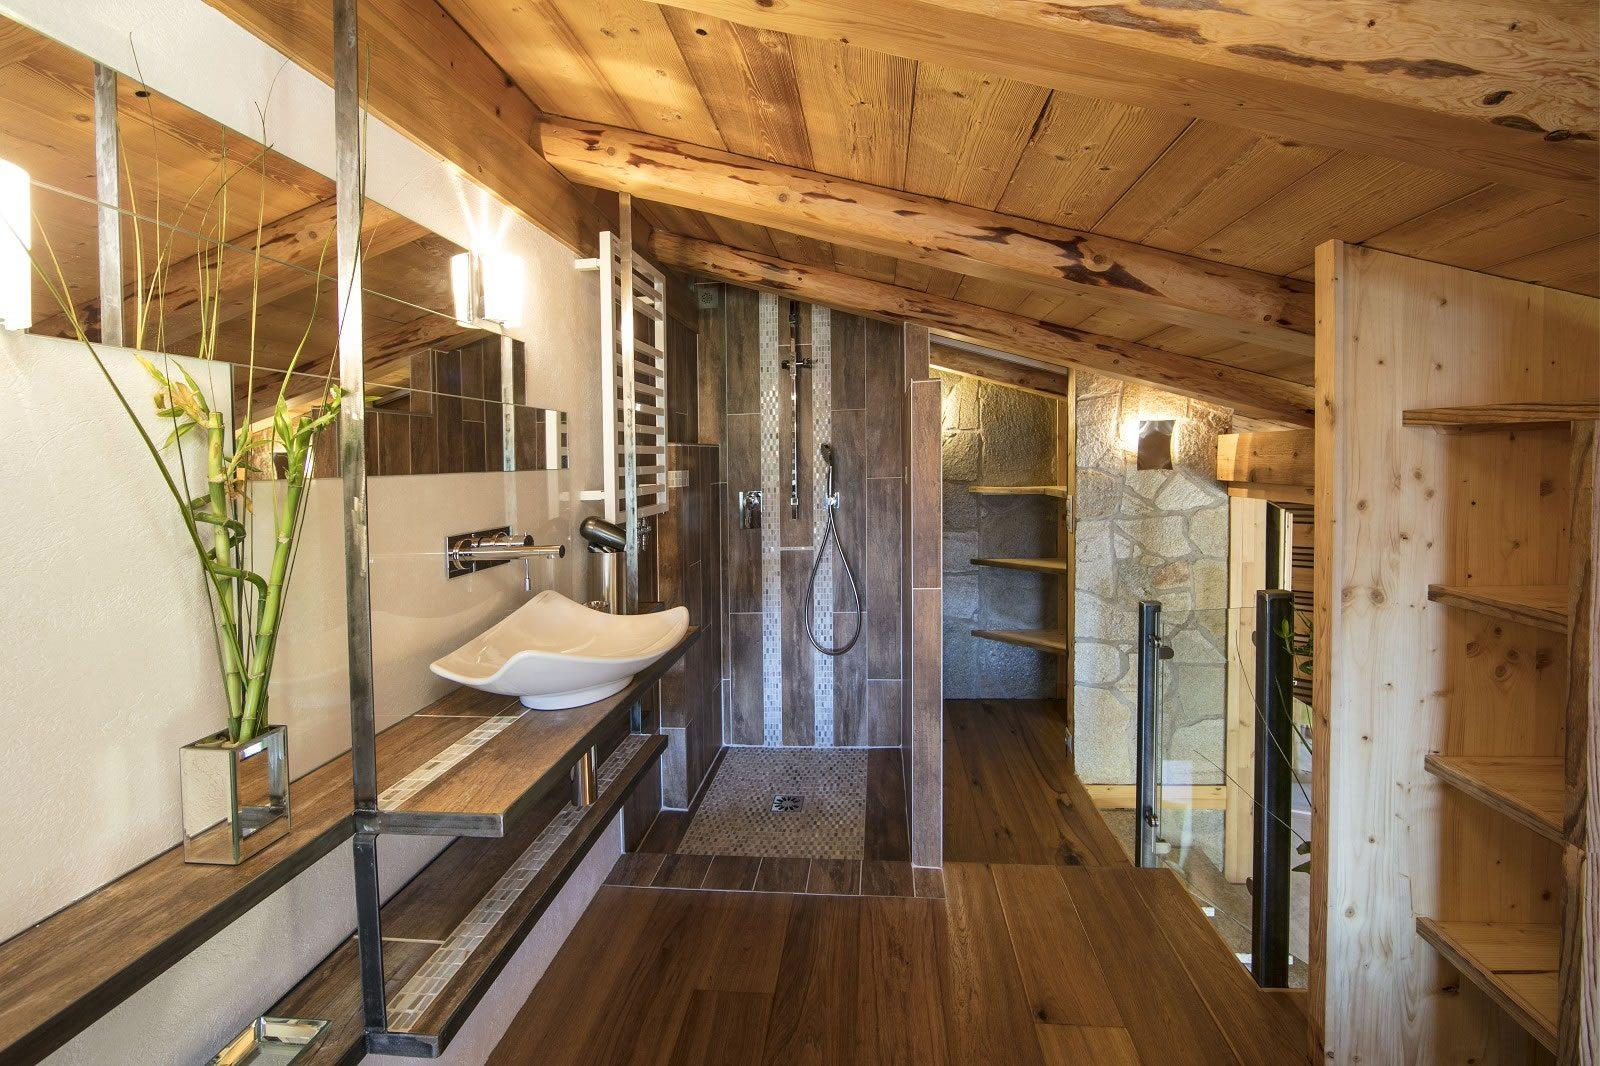 magnifique-chalet-a-vendre-terrasses-balcons-vue-panoramique-atelier-jardin-parking